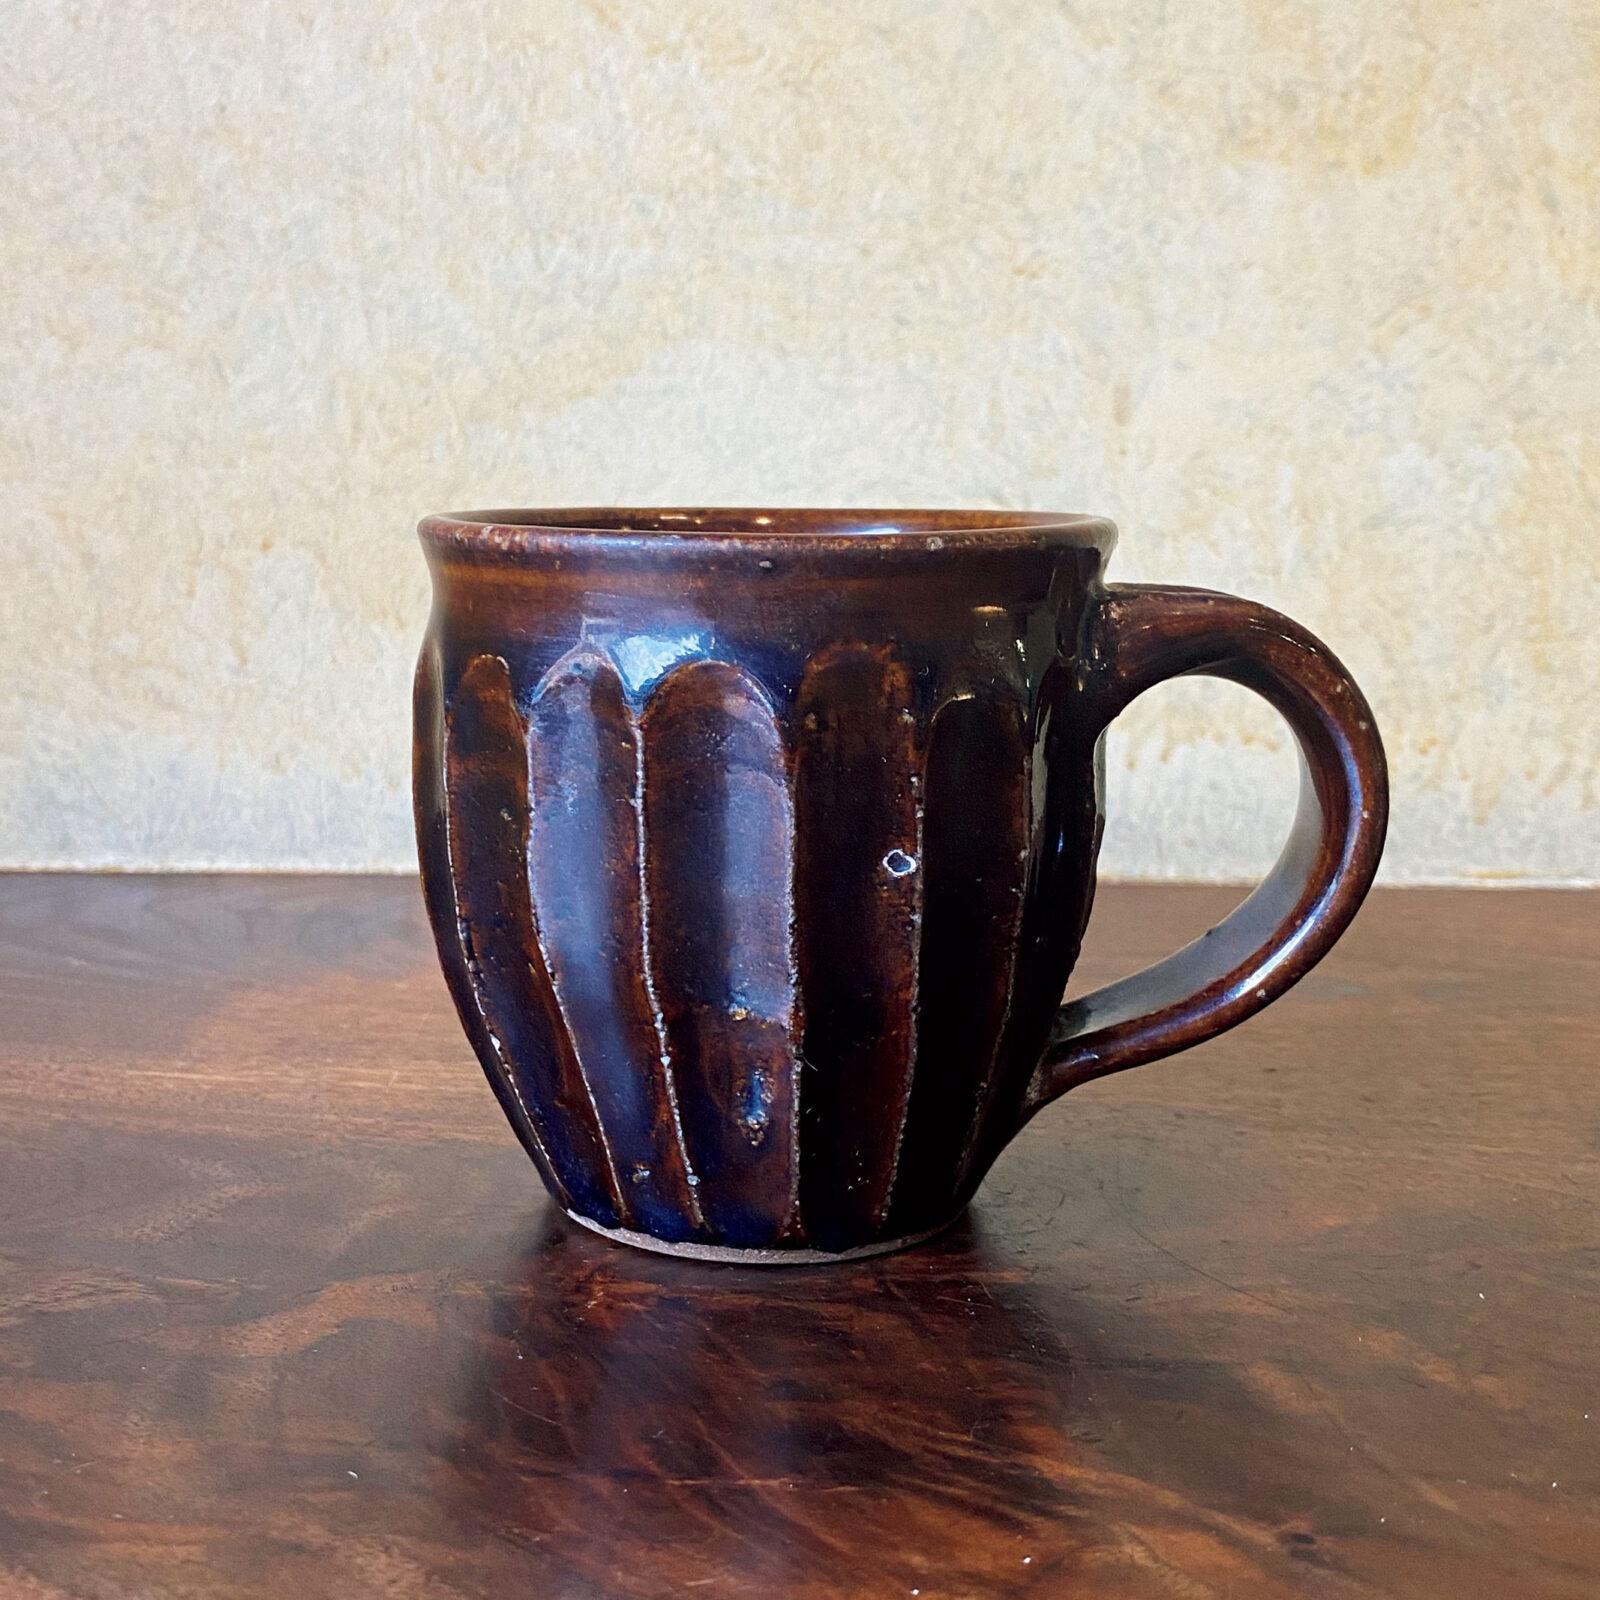 広瀬一郎(〈桃居〉店主)10年以上使っている益子の作家、郡司庸久さんのマグ。手が覚えて慣れているので使いやすく、朝のコーヒーは必ずこれです。たっぷりと入り、飴釉の色もきれいです。